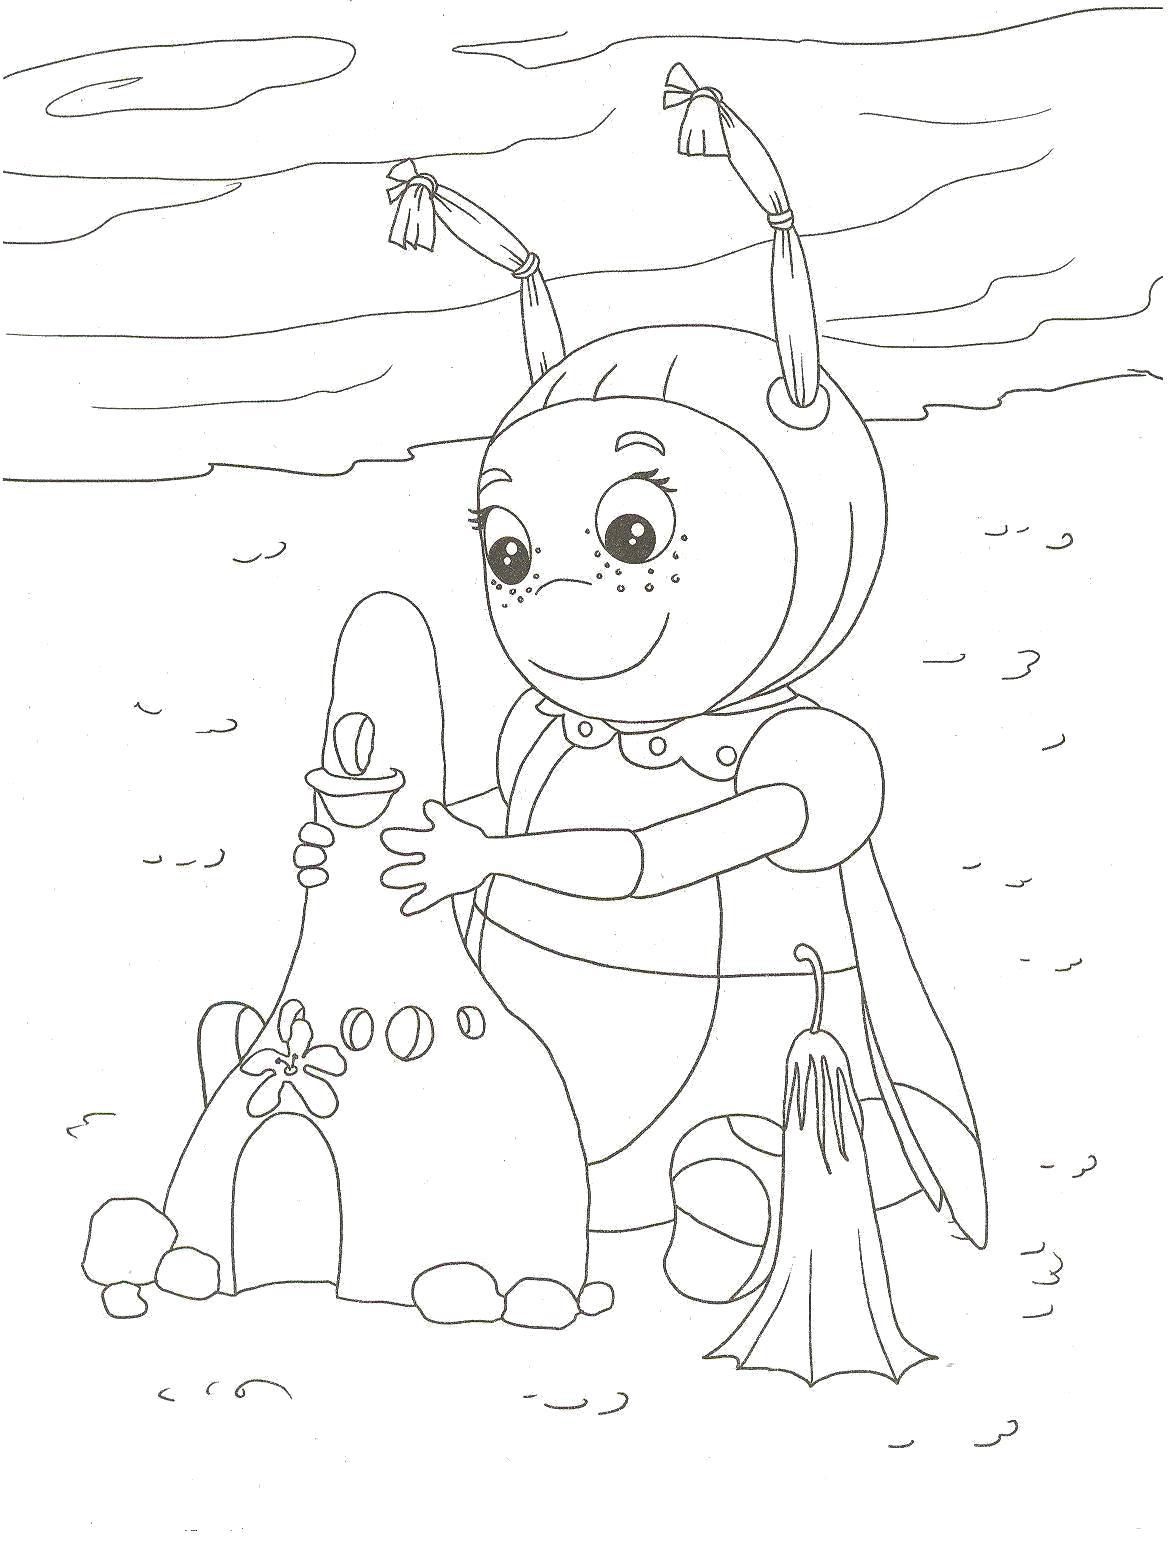 Раскраска Приключения Лунтика и его друзей. Лунтик